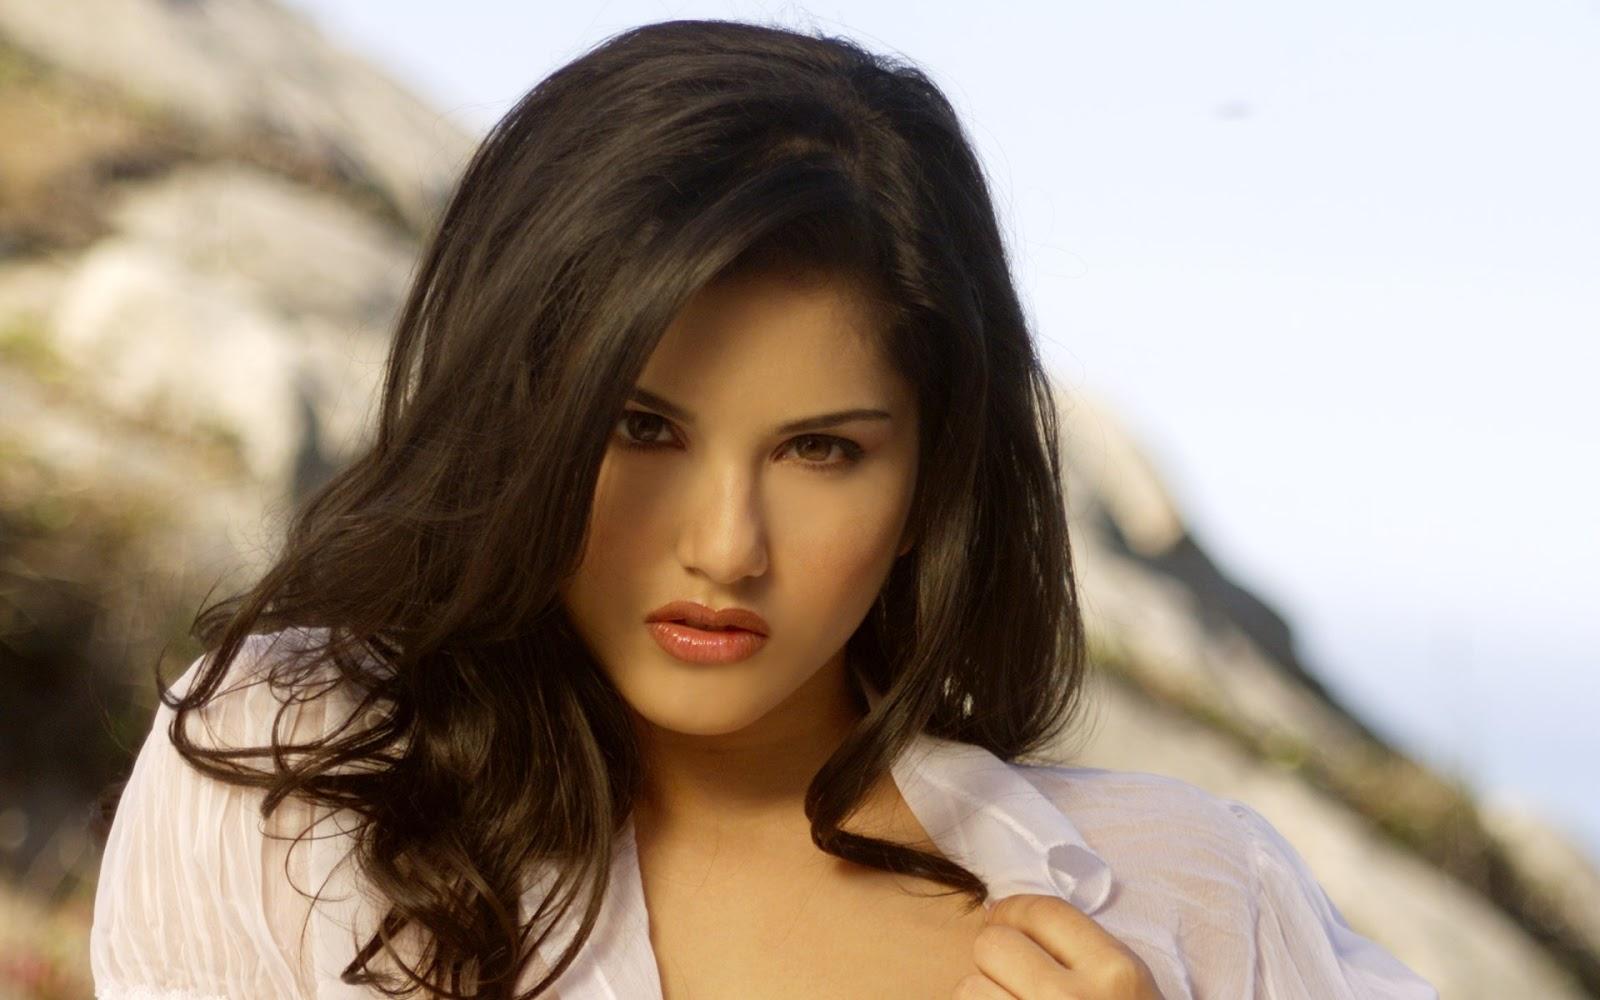 Фото санни леон, Sunny Leone - все эротические фото модели 3 фотография